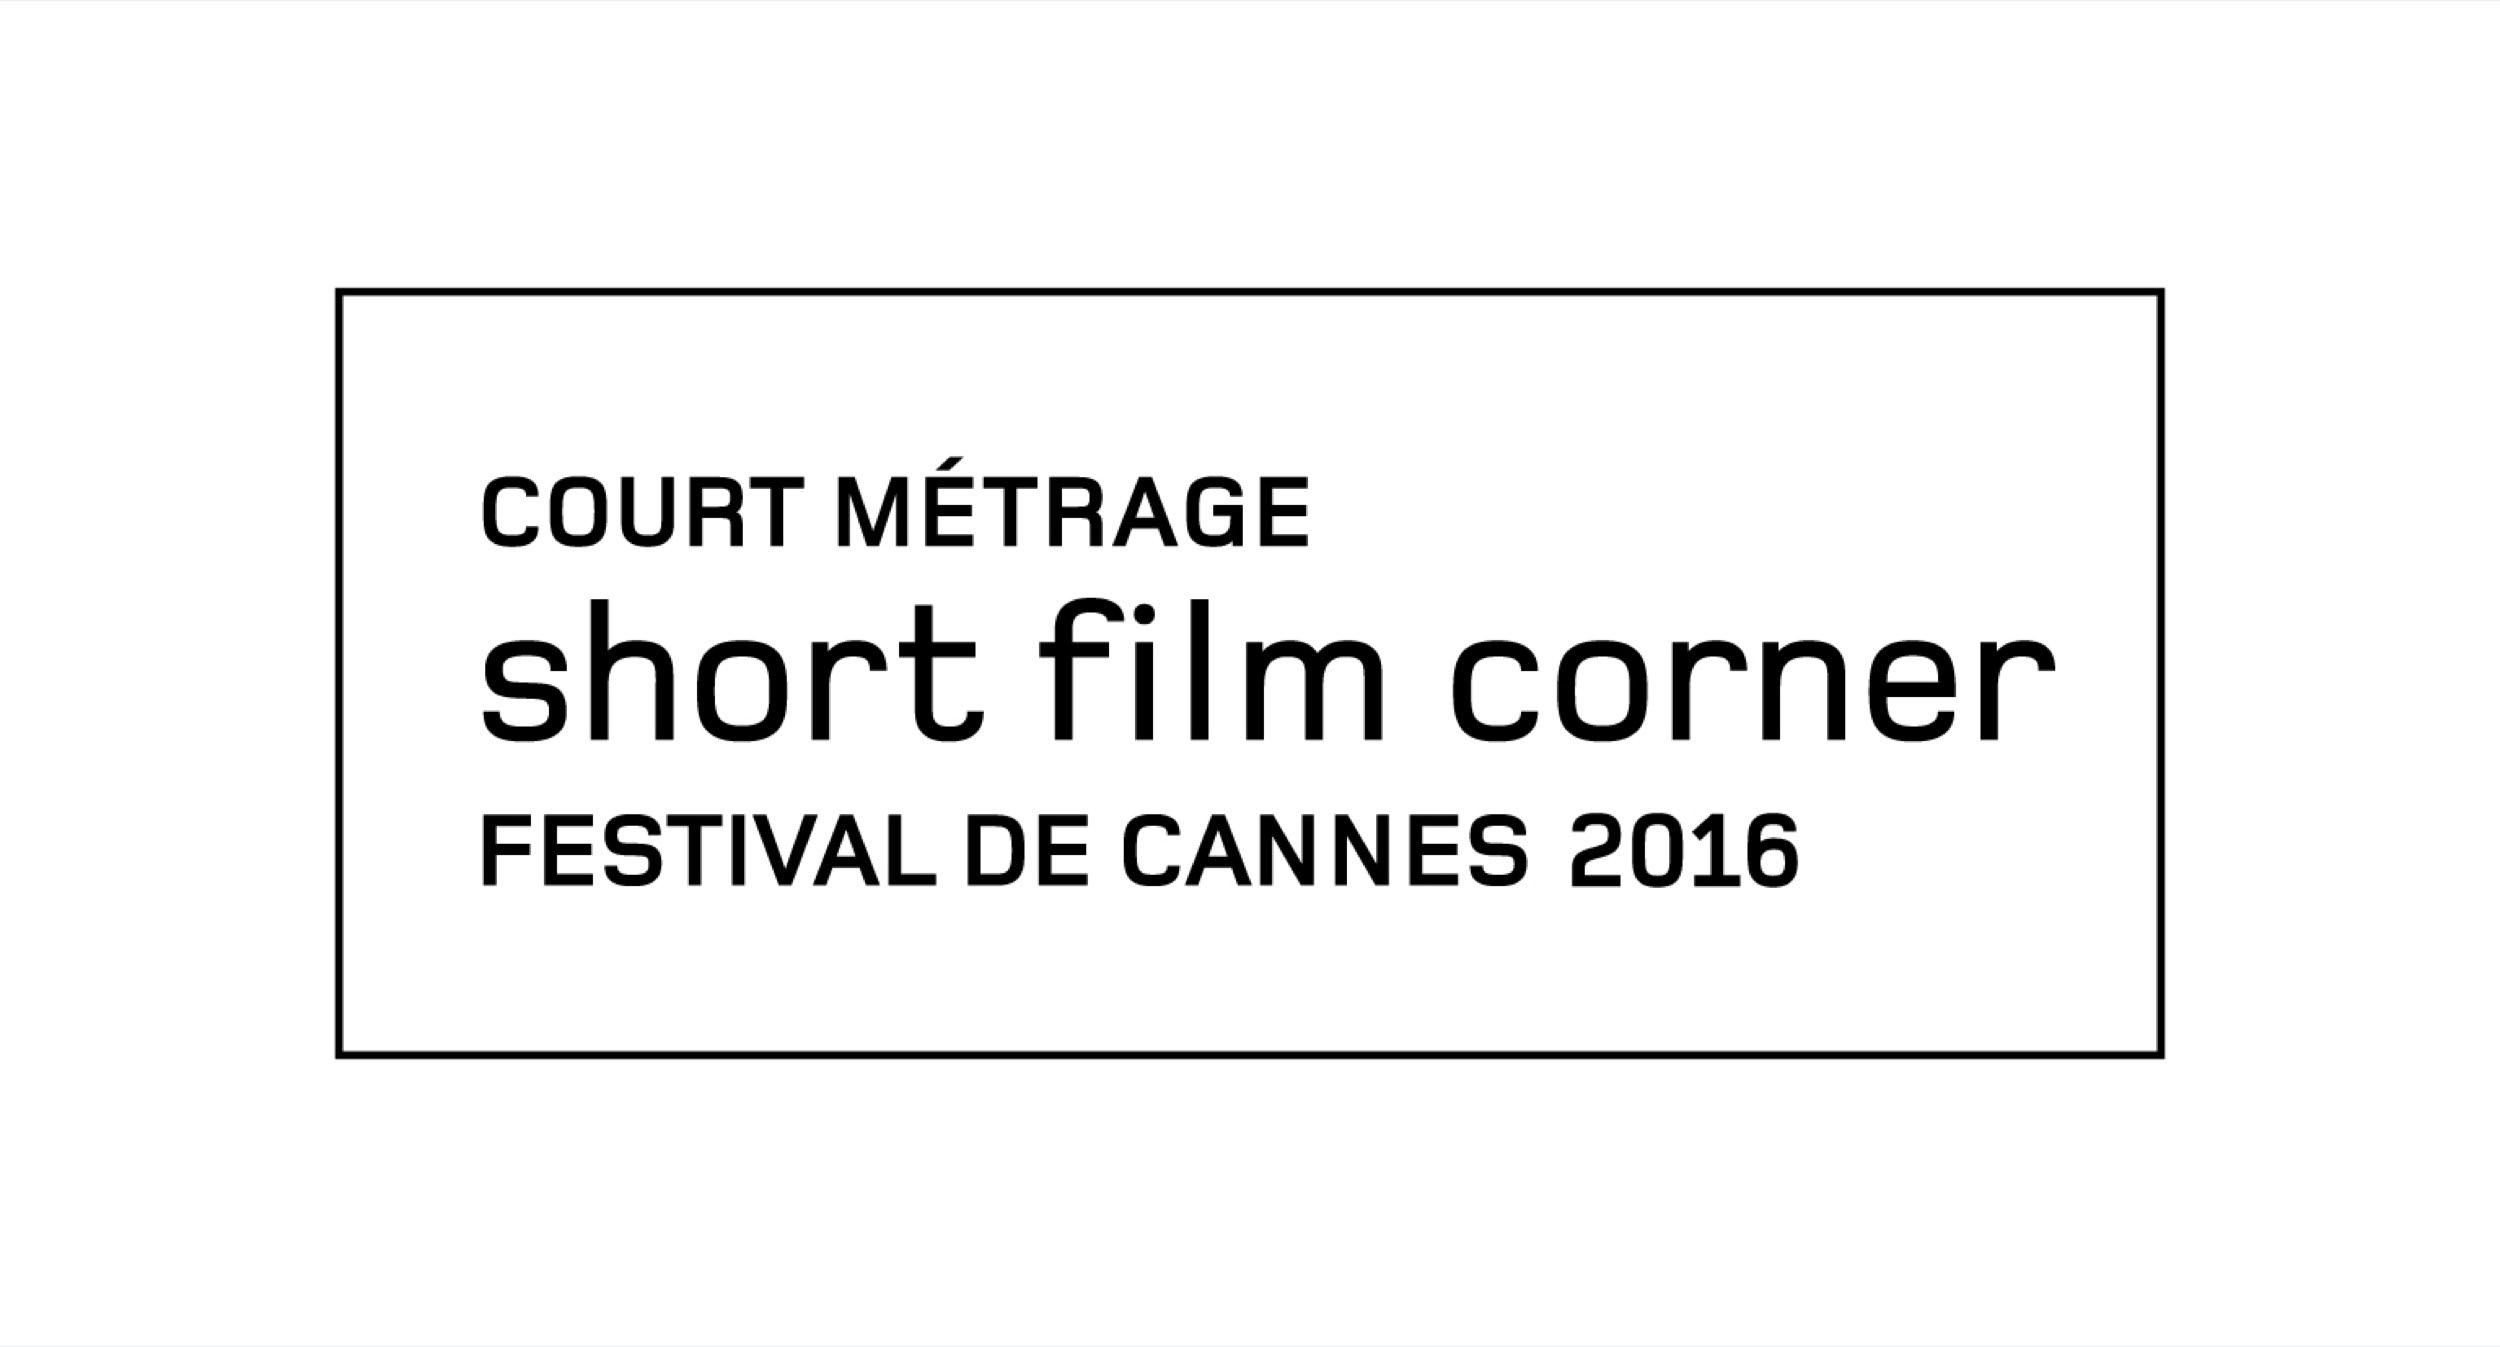 Court Métrage Short Film Corner Festival de Cannes 2016